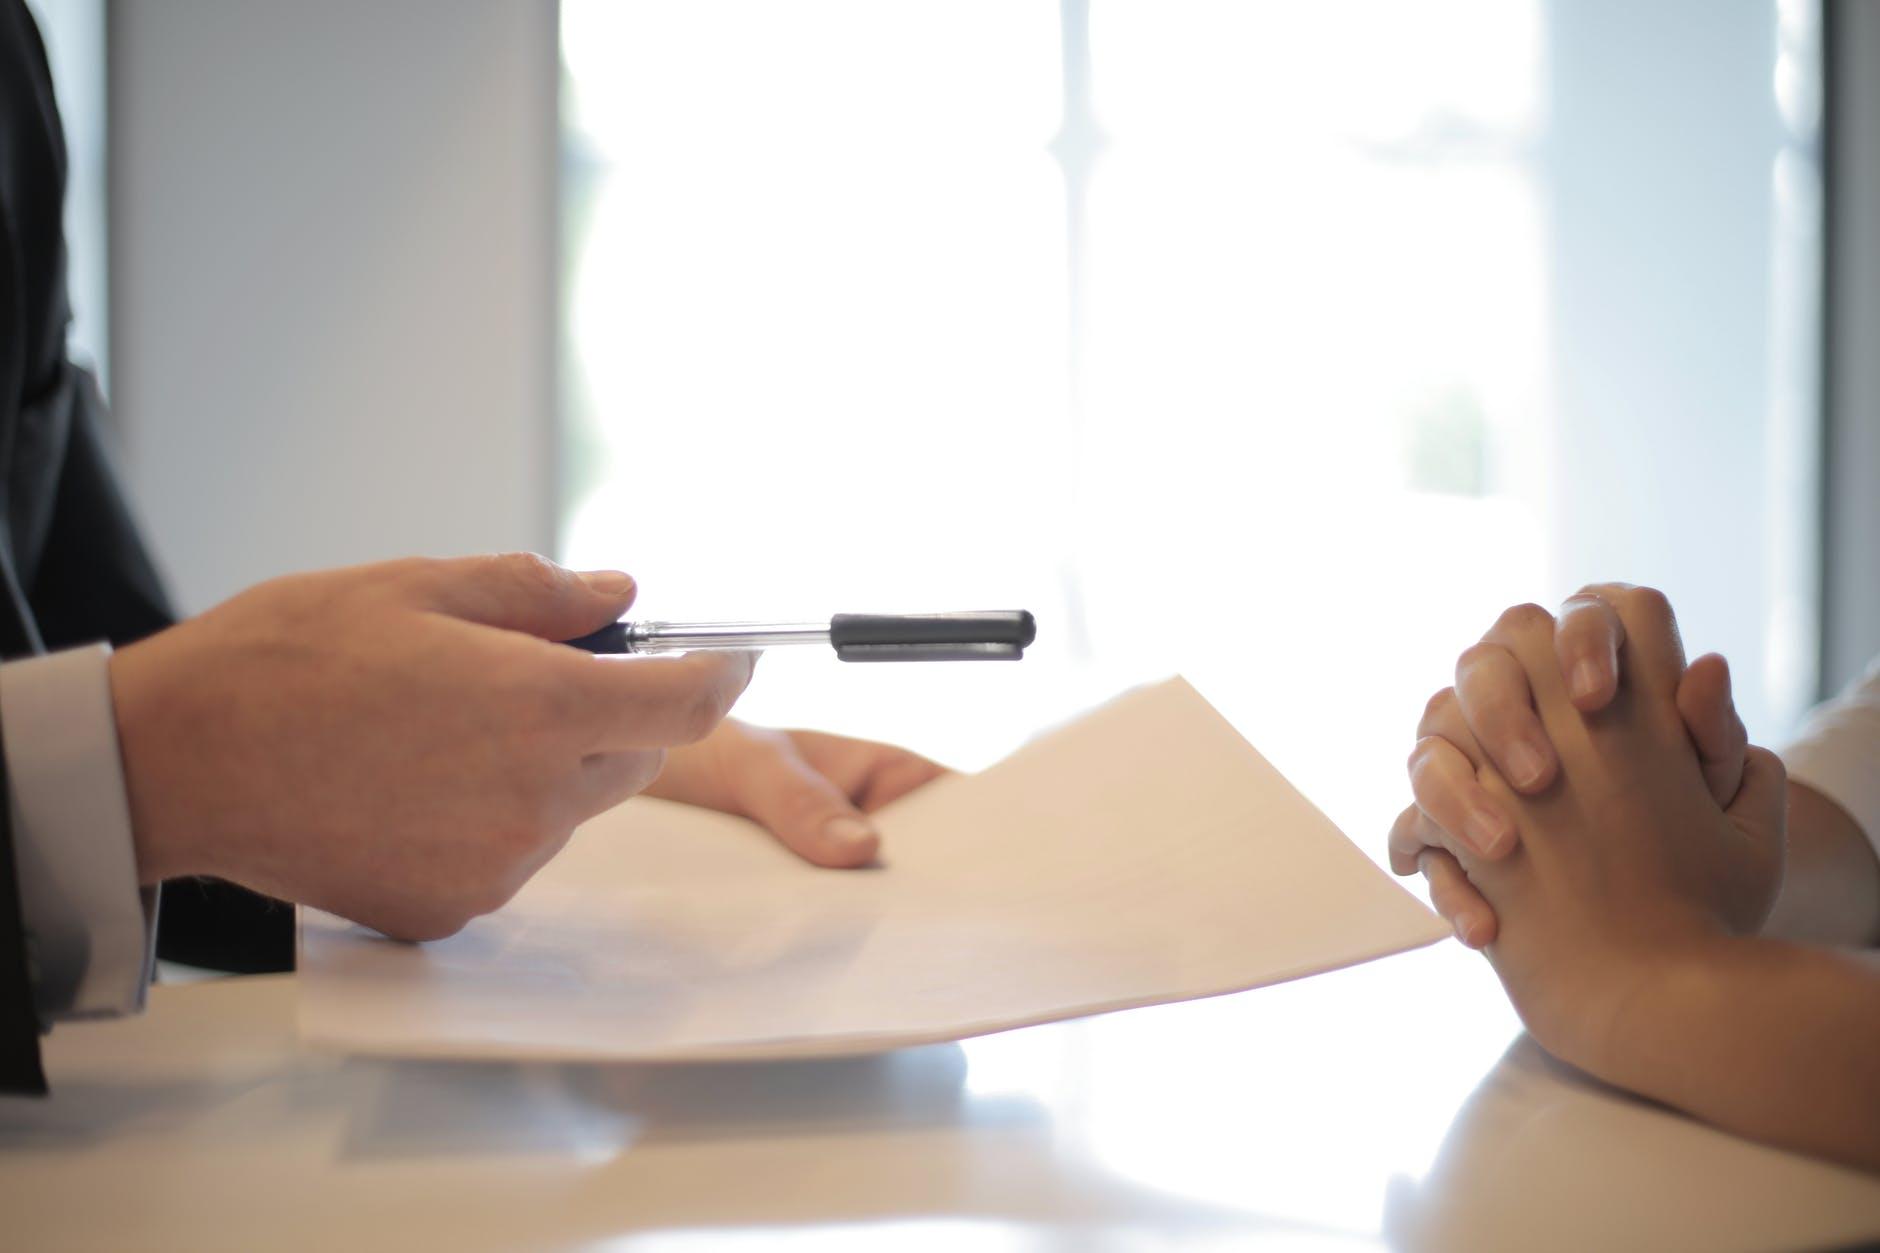 Zweryfikuj kontrahenta i umowę przed jej podpisaniem